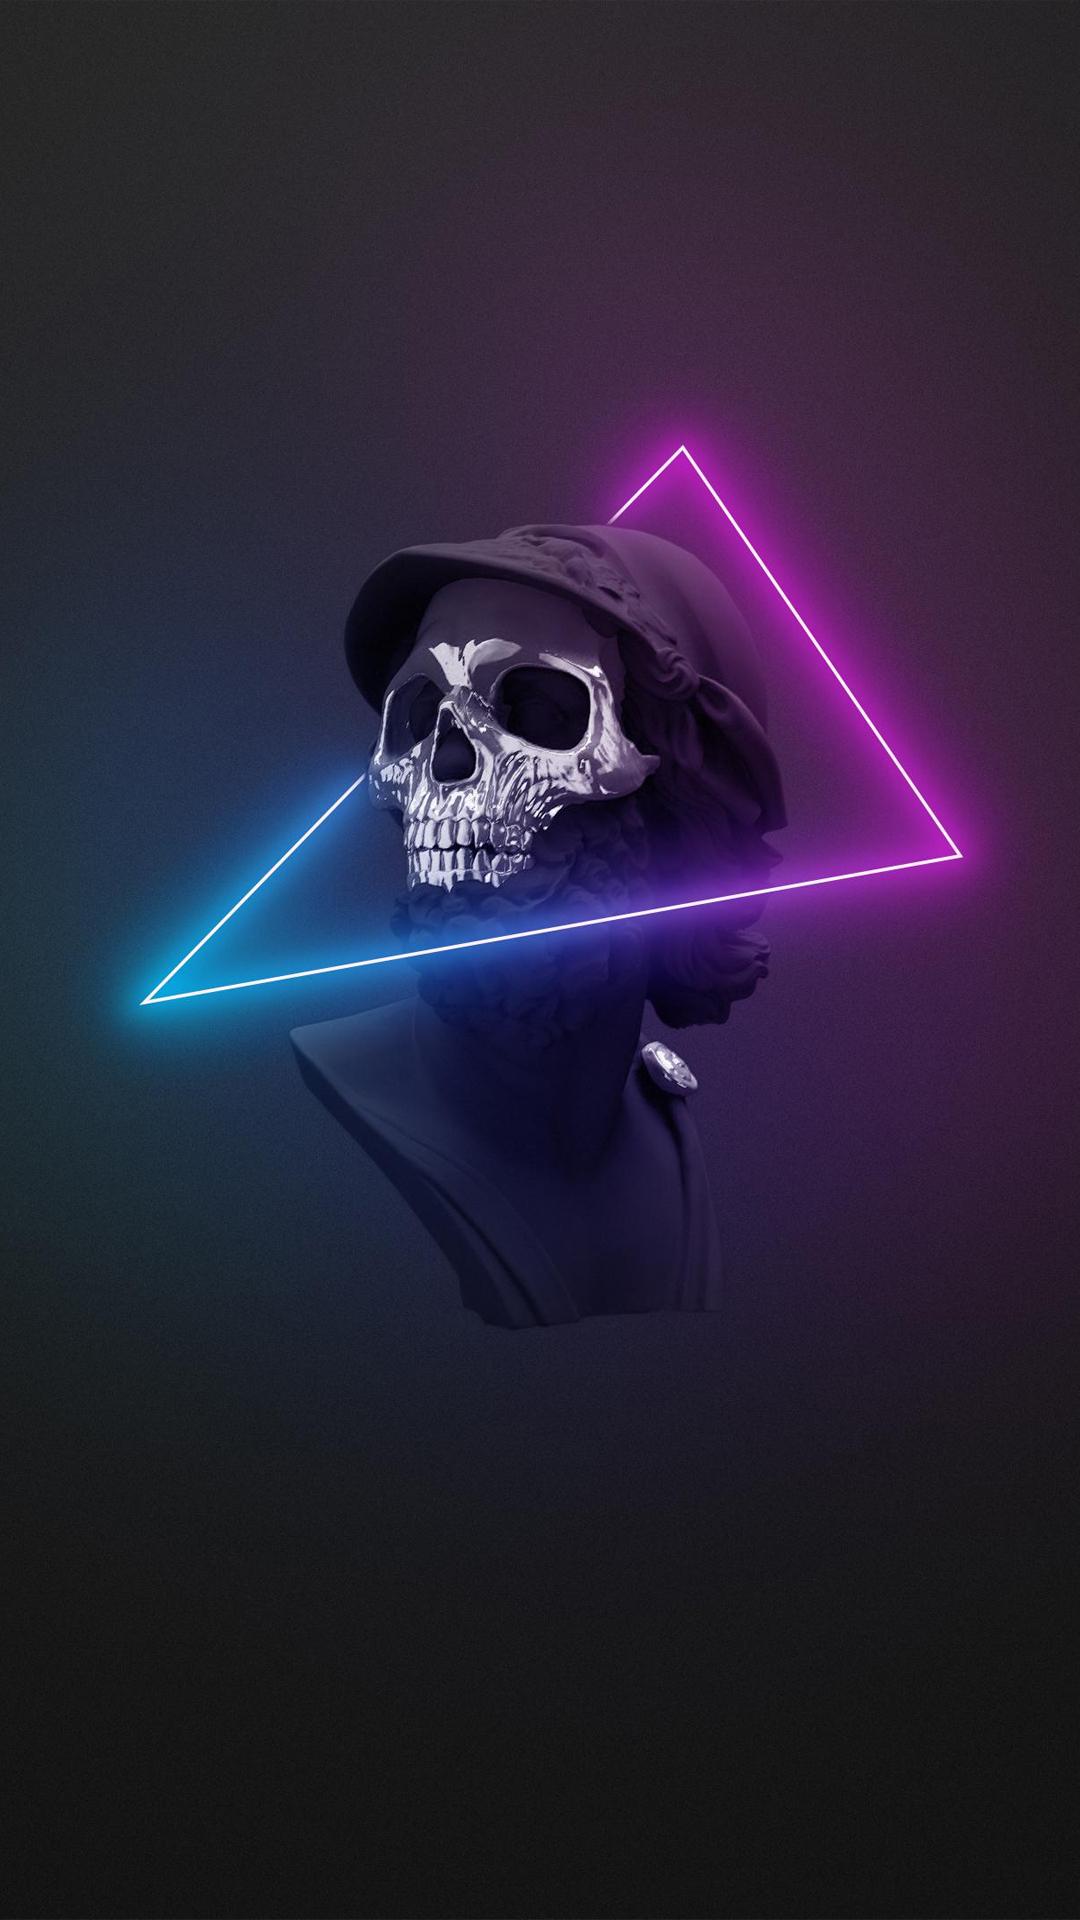 skull triangle neon mobile wallpaper